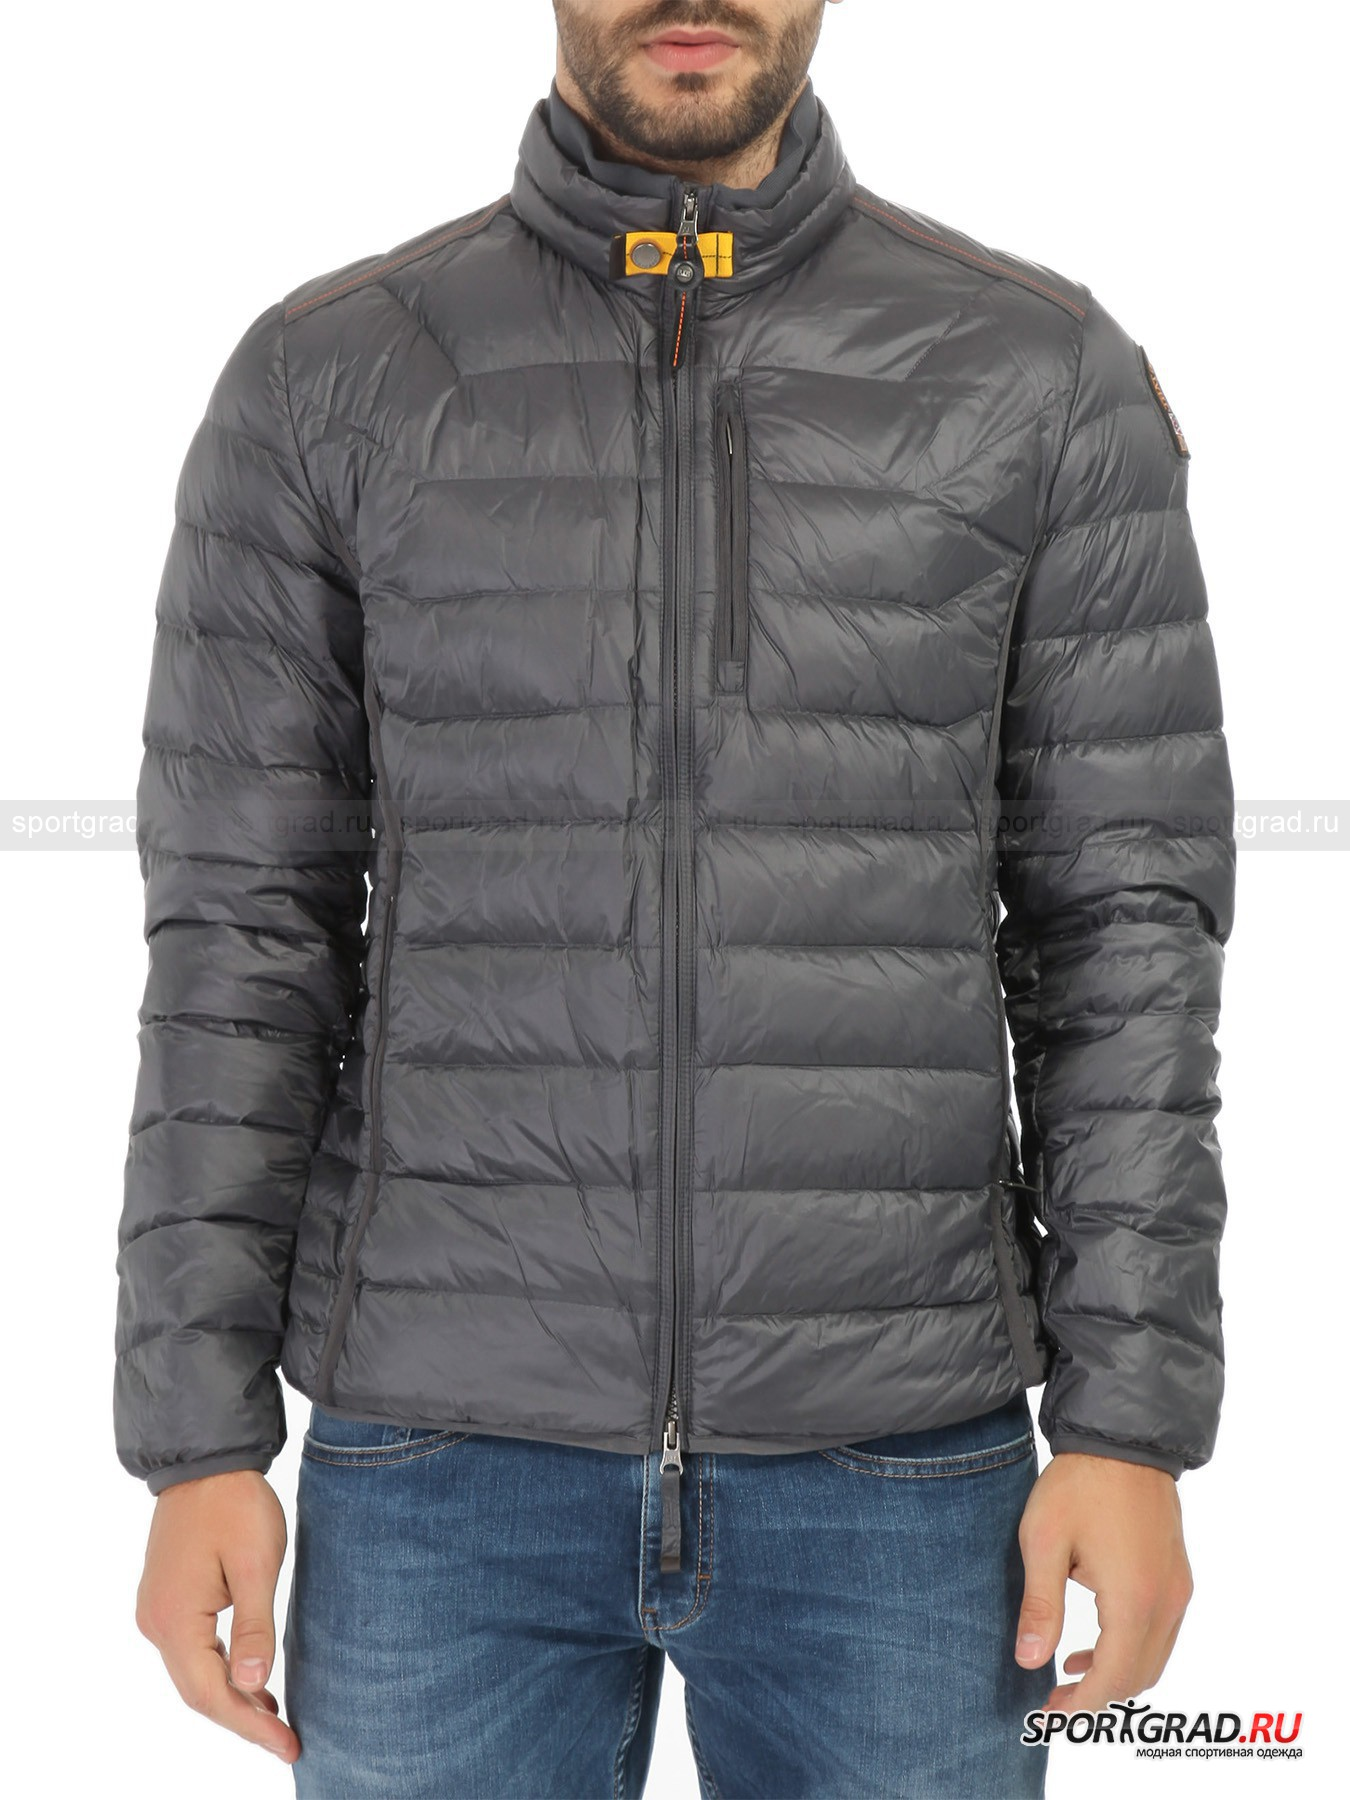 Куртка муж. Ugo PARAJUMPERSКуртки<br><br><br>Пол: Мужской<br>Возраст: Взрослый<br>Тип: Куртки<br>Состав: См,вн,этикетку